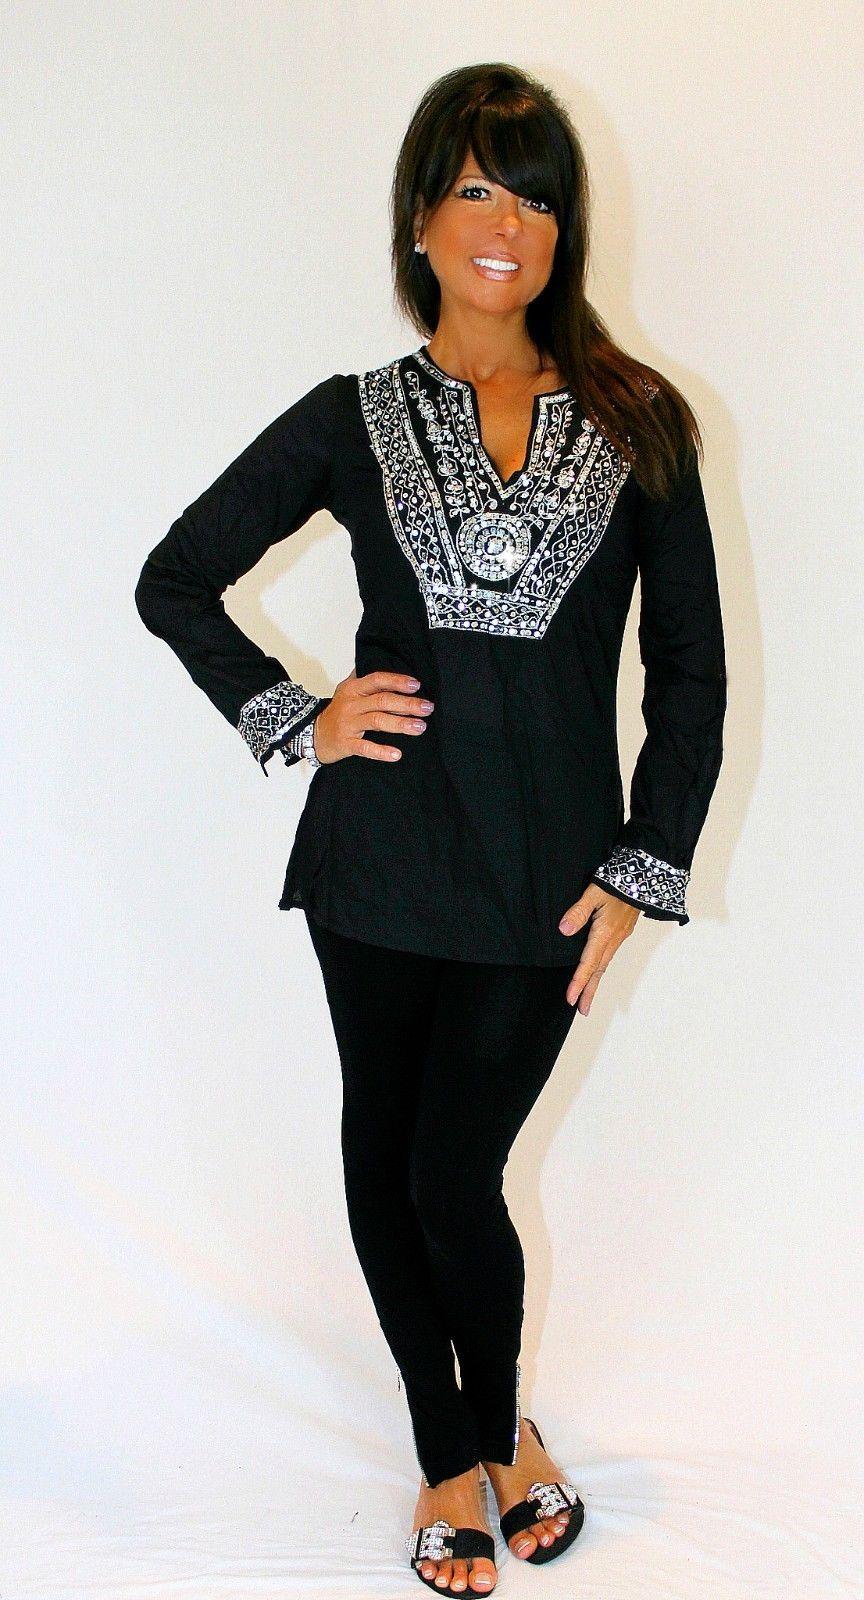 Boho Vintage Moroccan Sequin Tunic Top Hippie Gypsy 70's Indie Black Silver | eBay